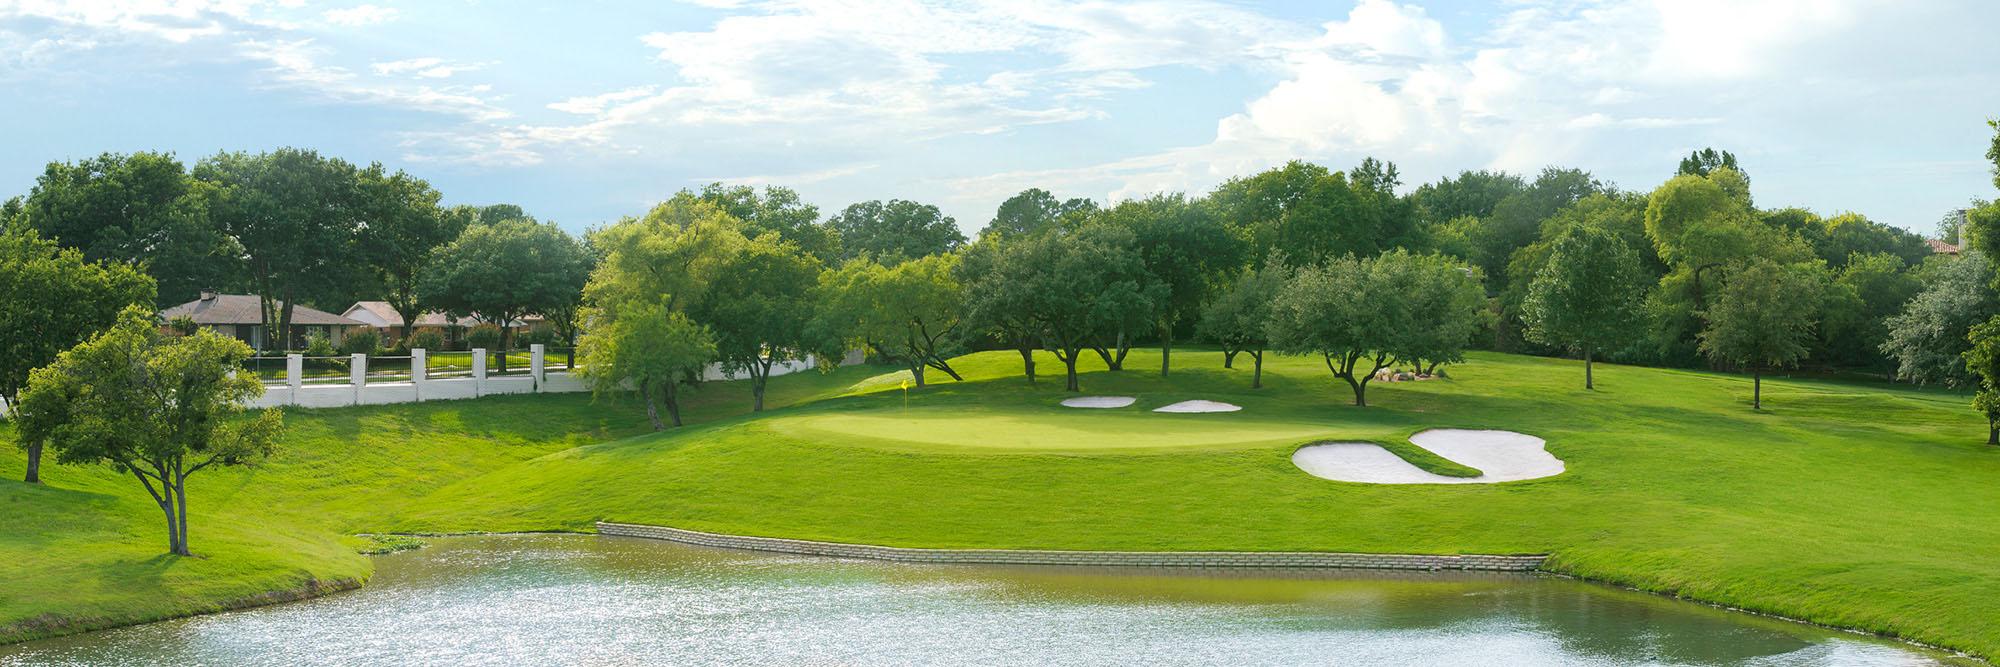 Golf Course Image - Las Colinas No. 13